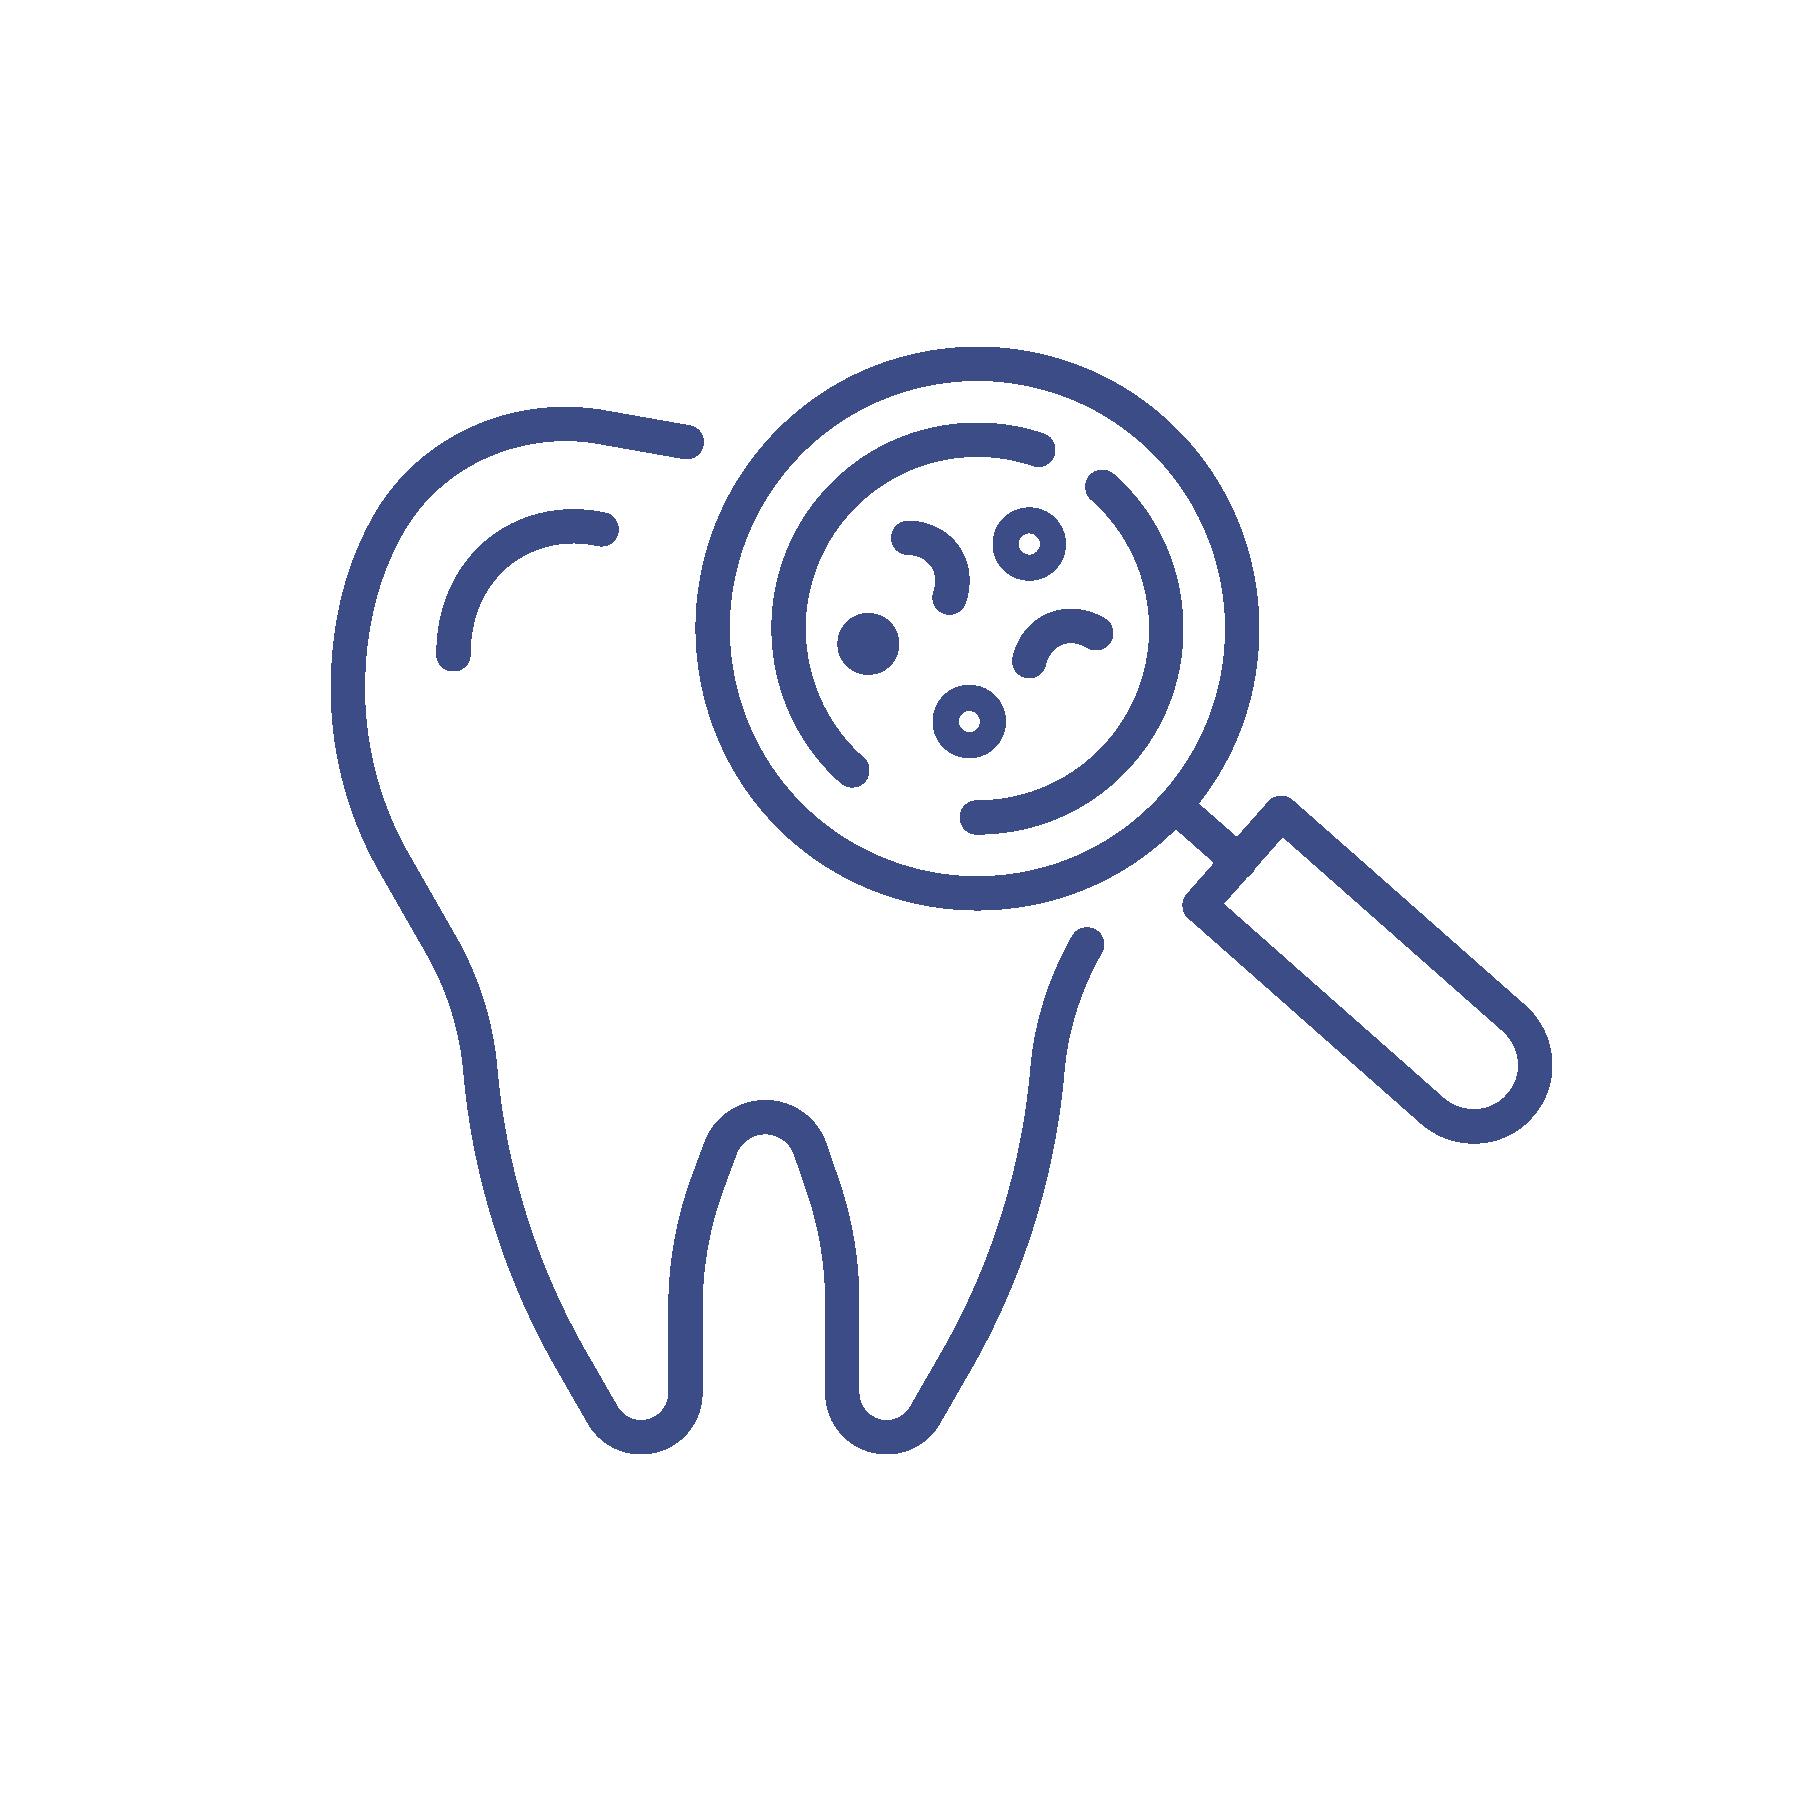 Dental exam icon